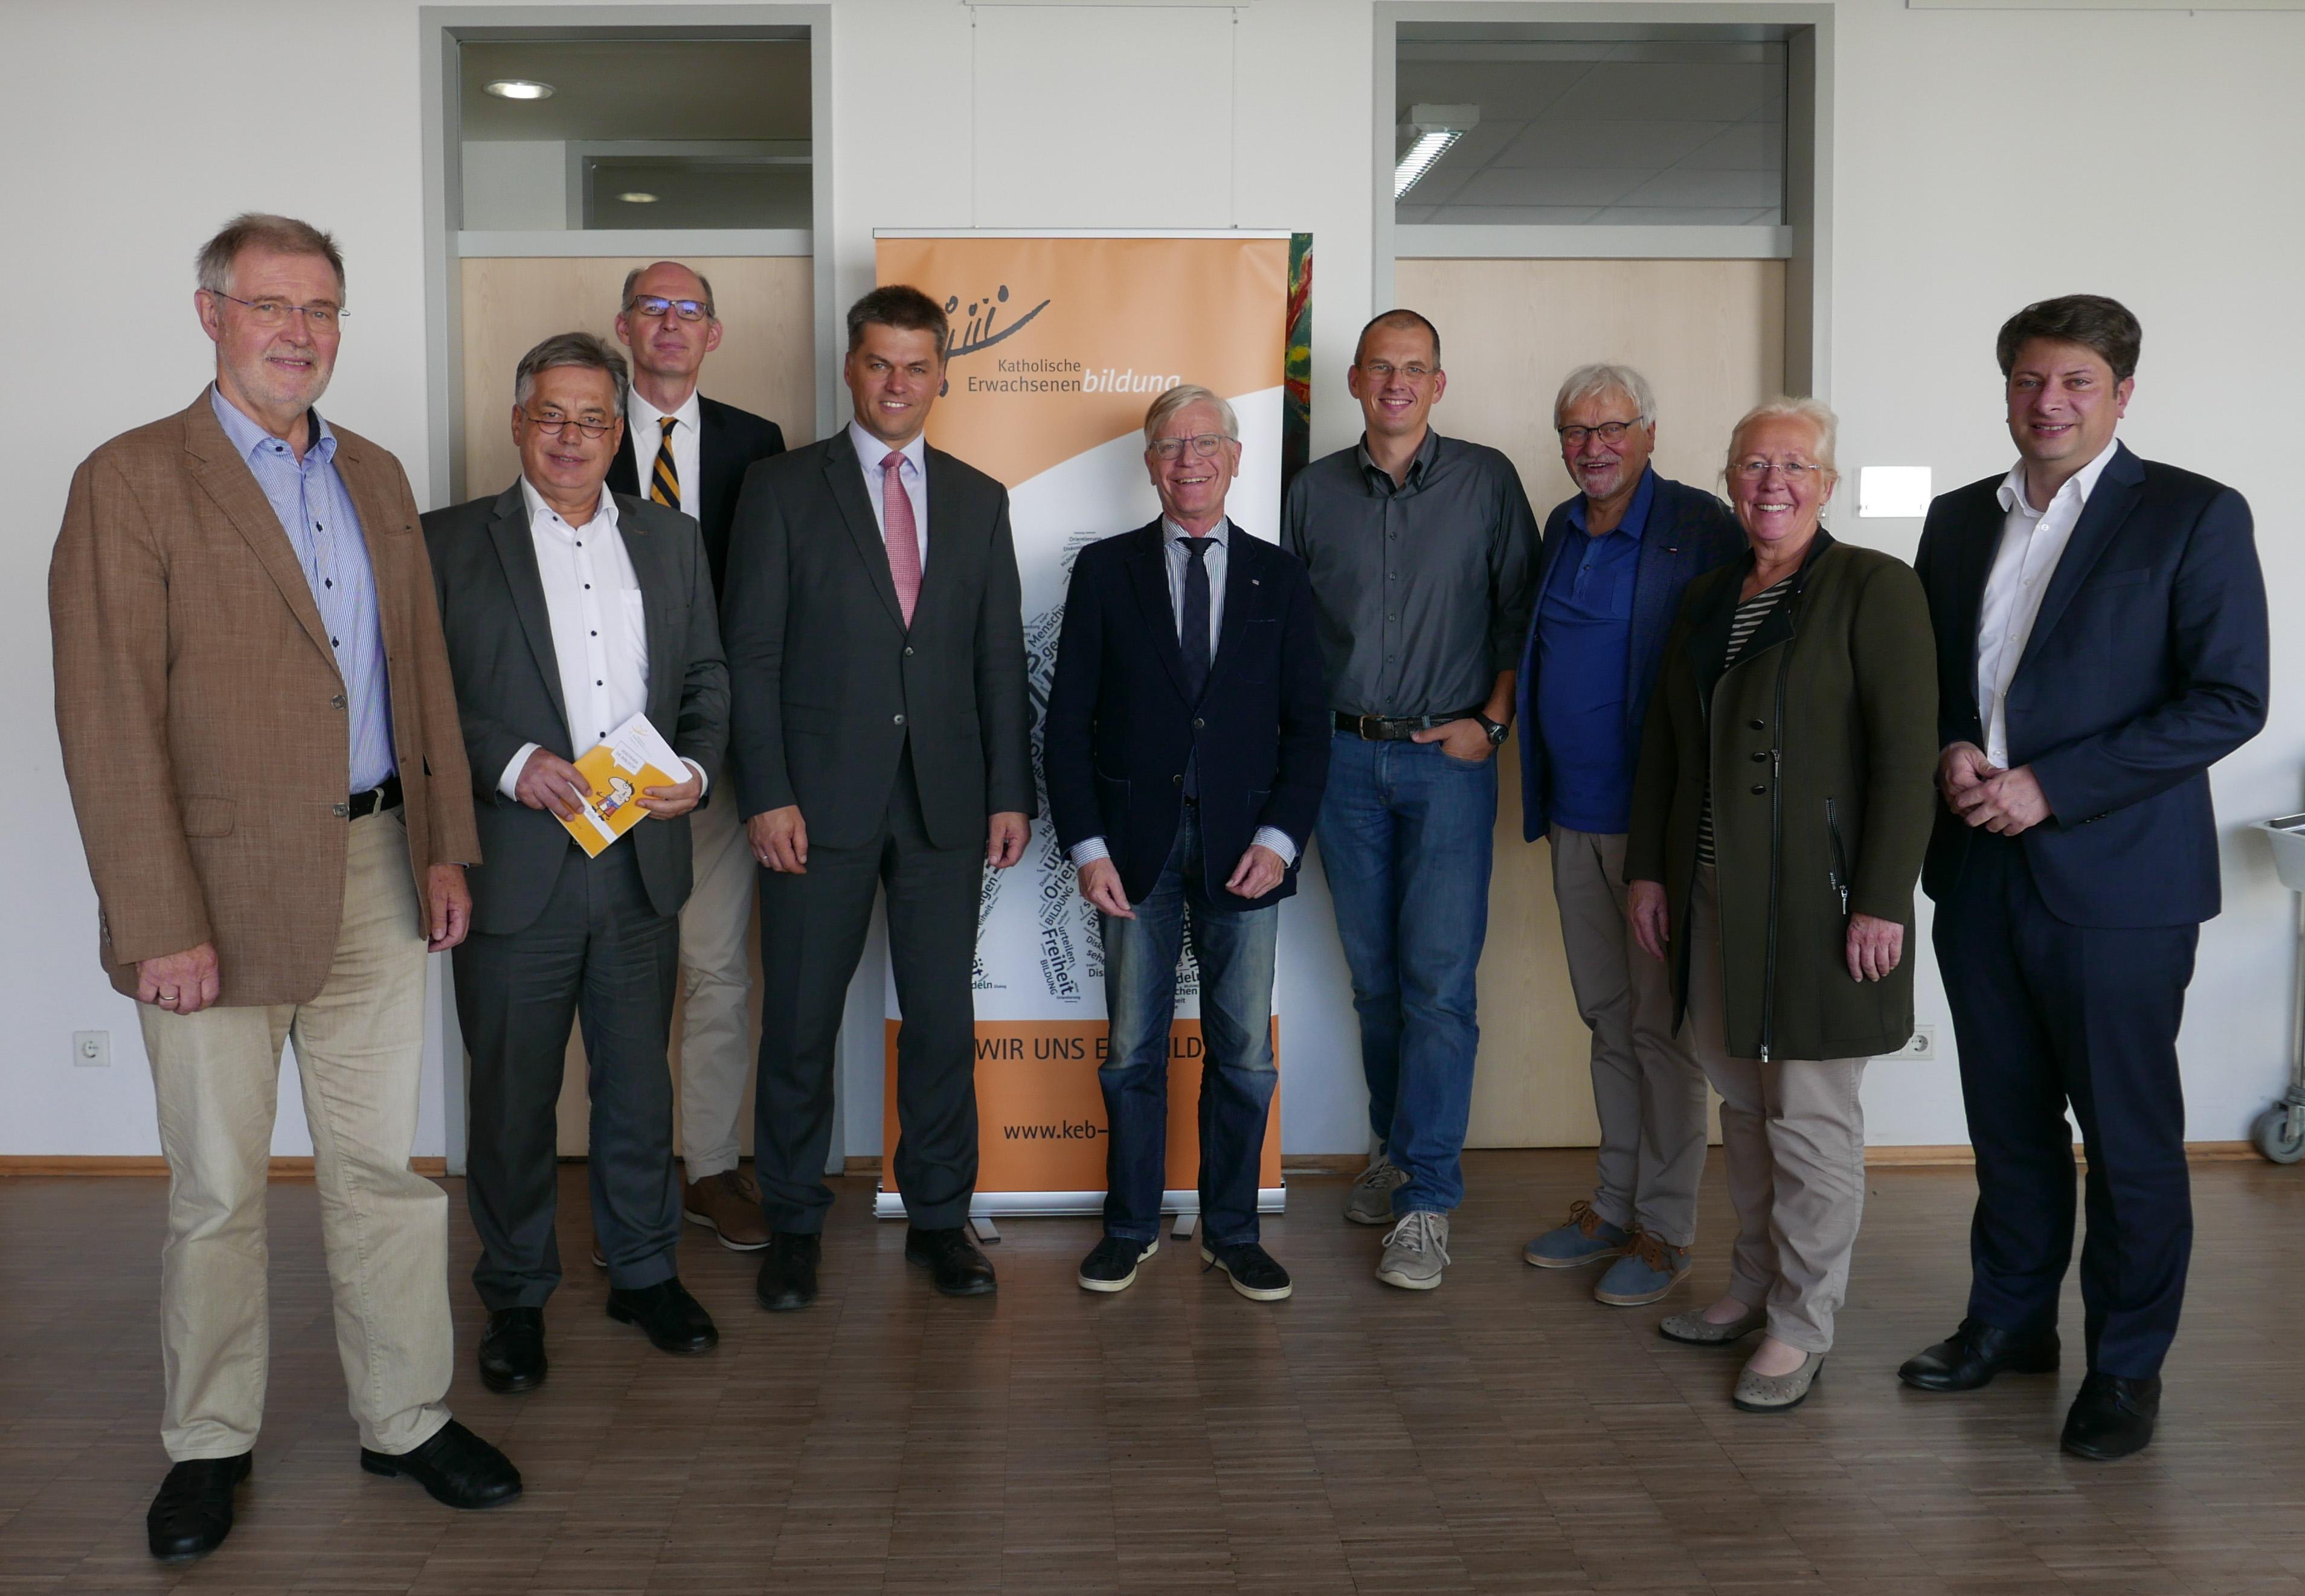 CDU-Bildungspolitiker und Vertreter von KEB und EEB im Gespräch